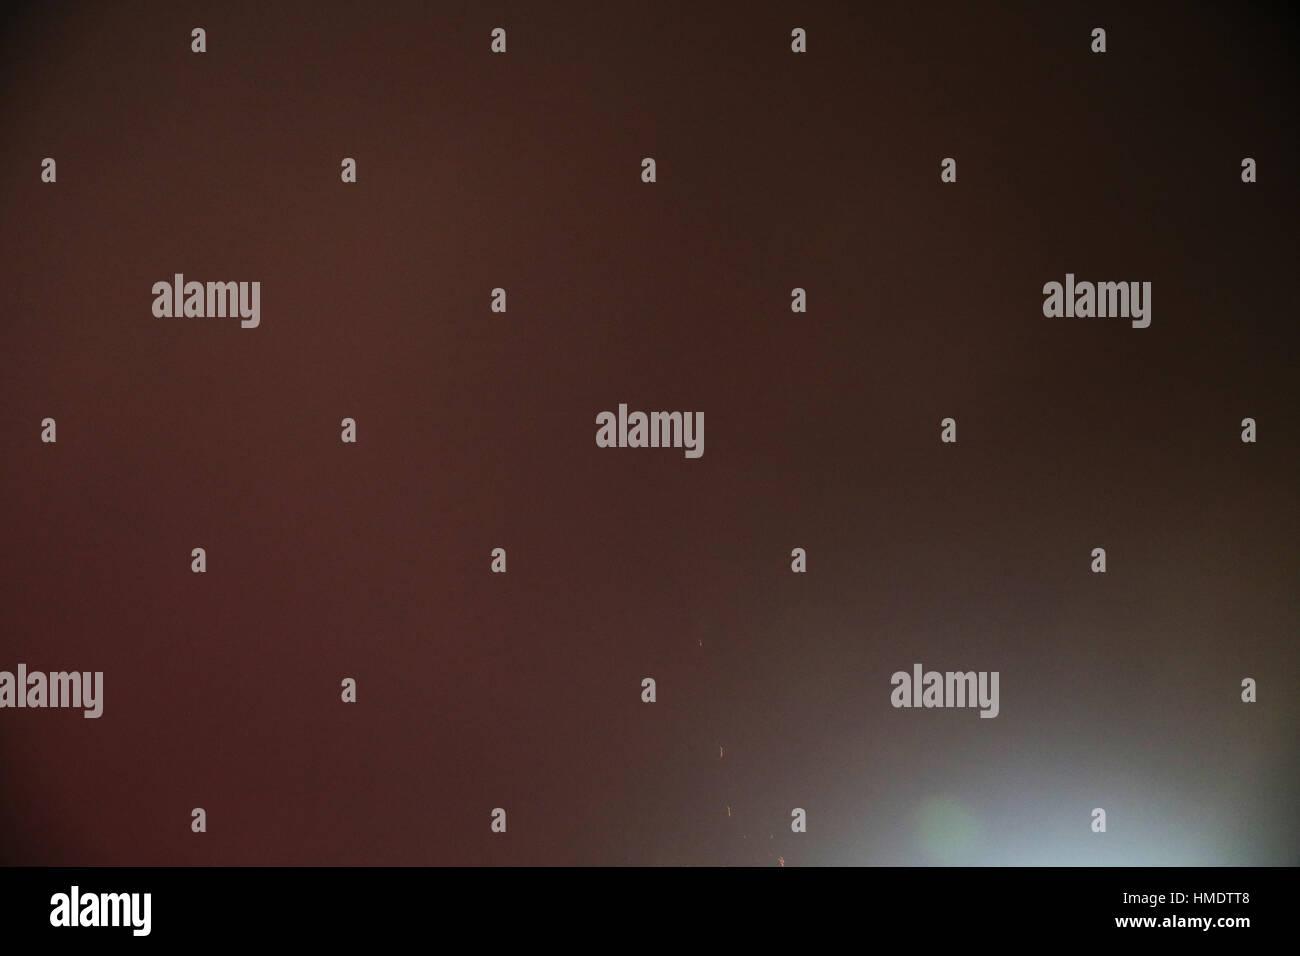 Hintergrund Vorlage Verlauf - Stock Image